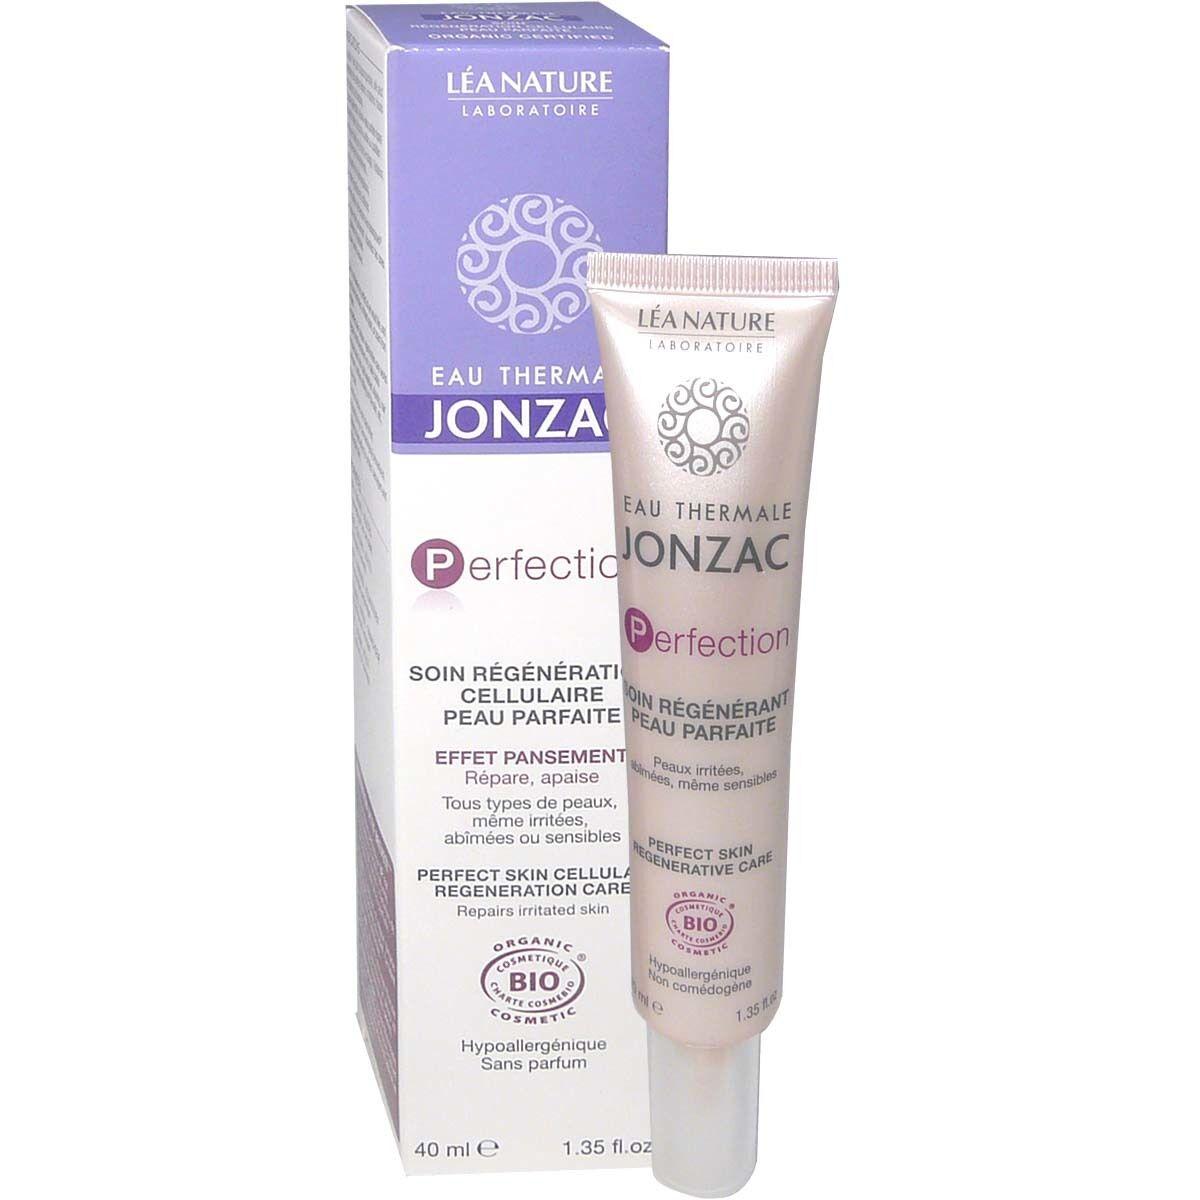 Jonzac perfection soin regenerant cellulaire peau parfaite 40 ml